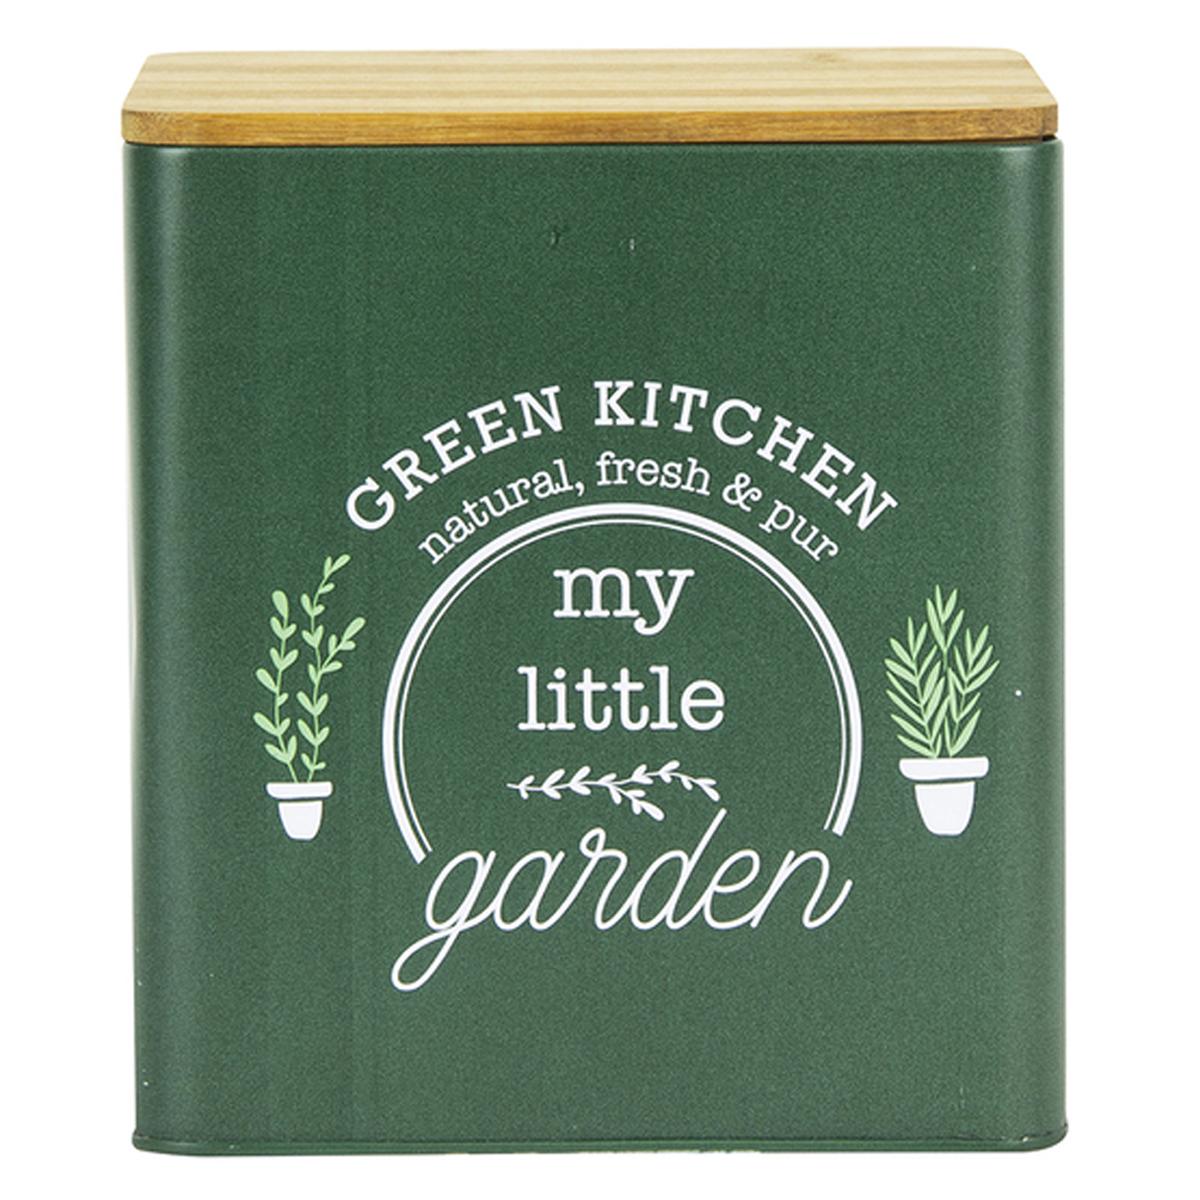 Boite métal bois \'My Little Garden\' vert - 16x14x14 cm - [A2258]